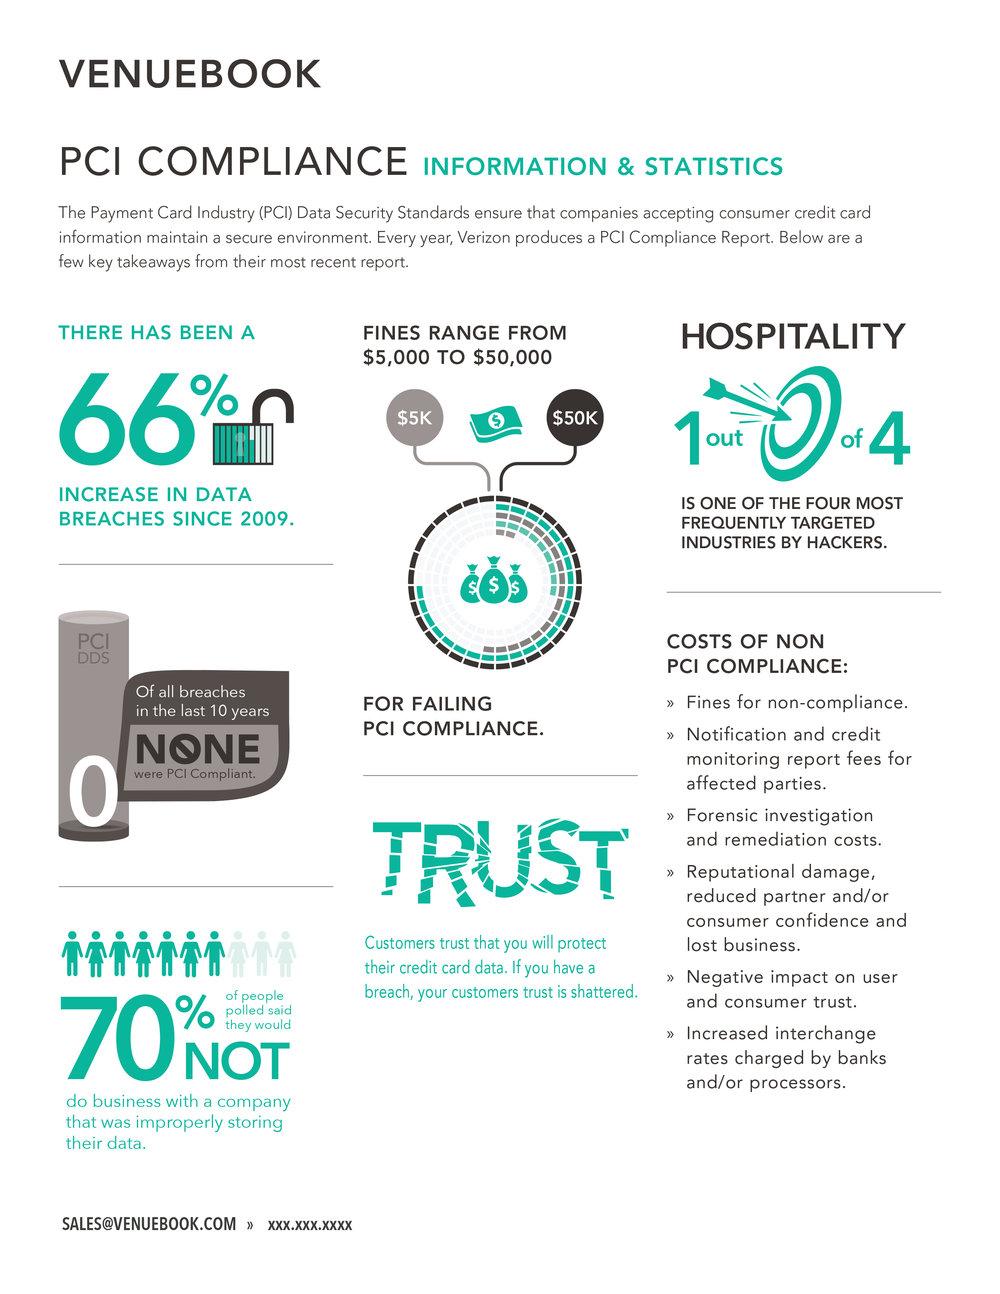 VENUEBOOK PCI Compliance Infographic